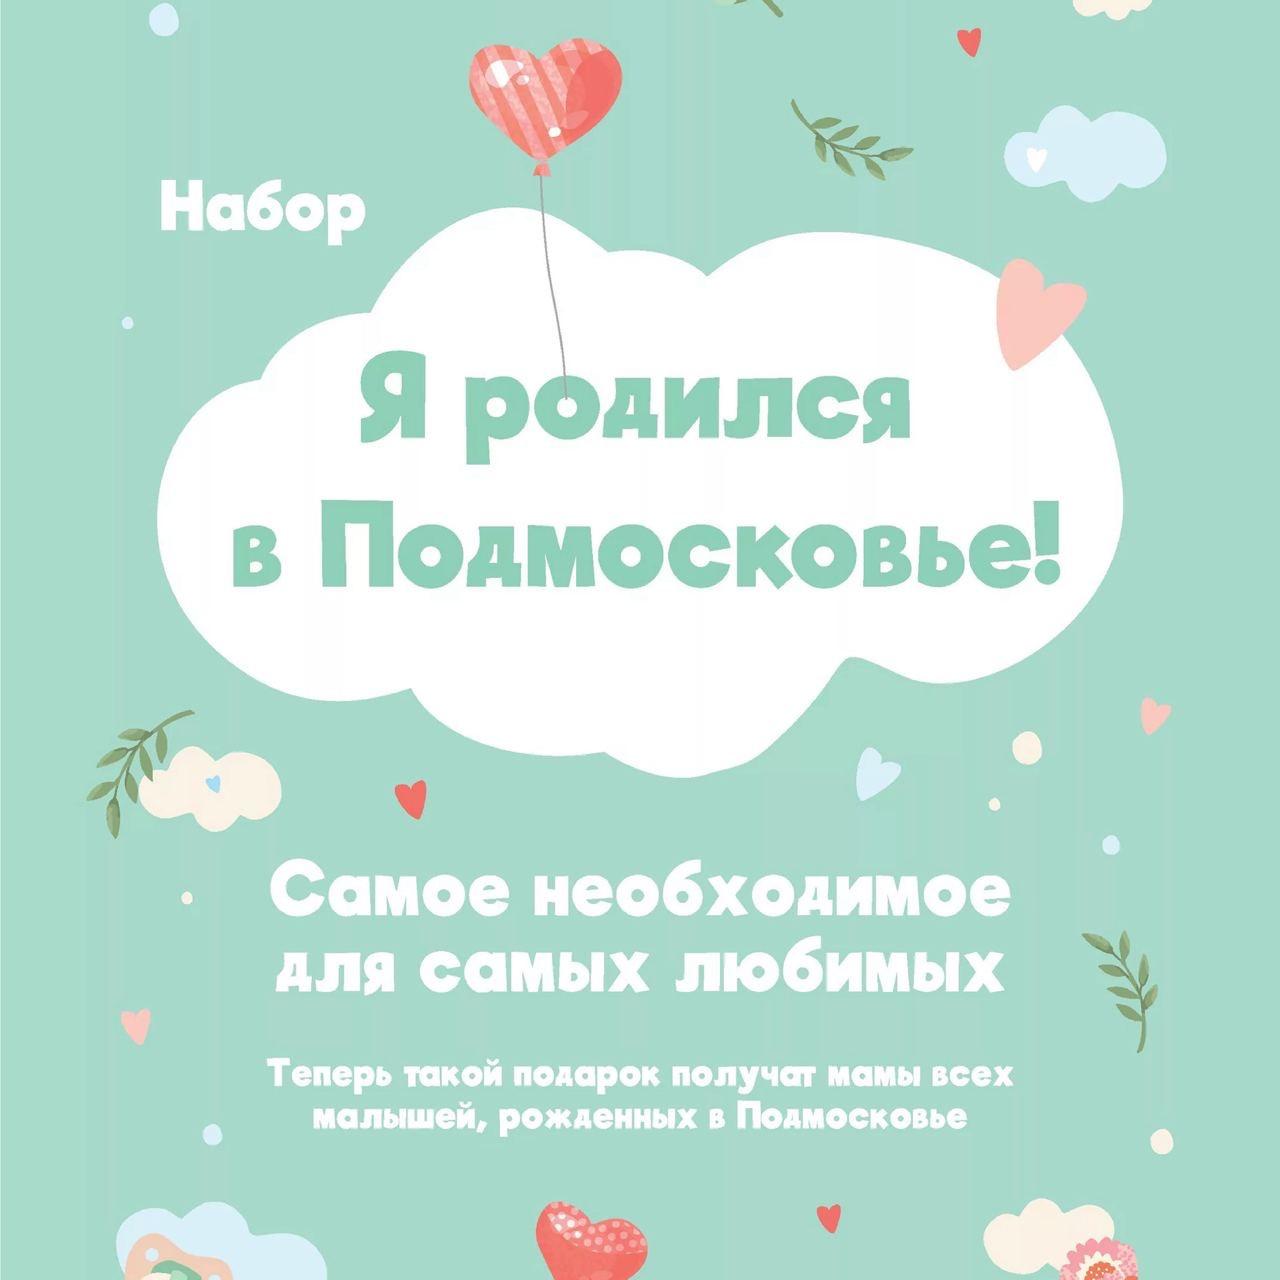 Московская область — уникальный регион, лидирующий по числу перинатальных центров и успешных родов